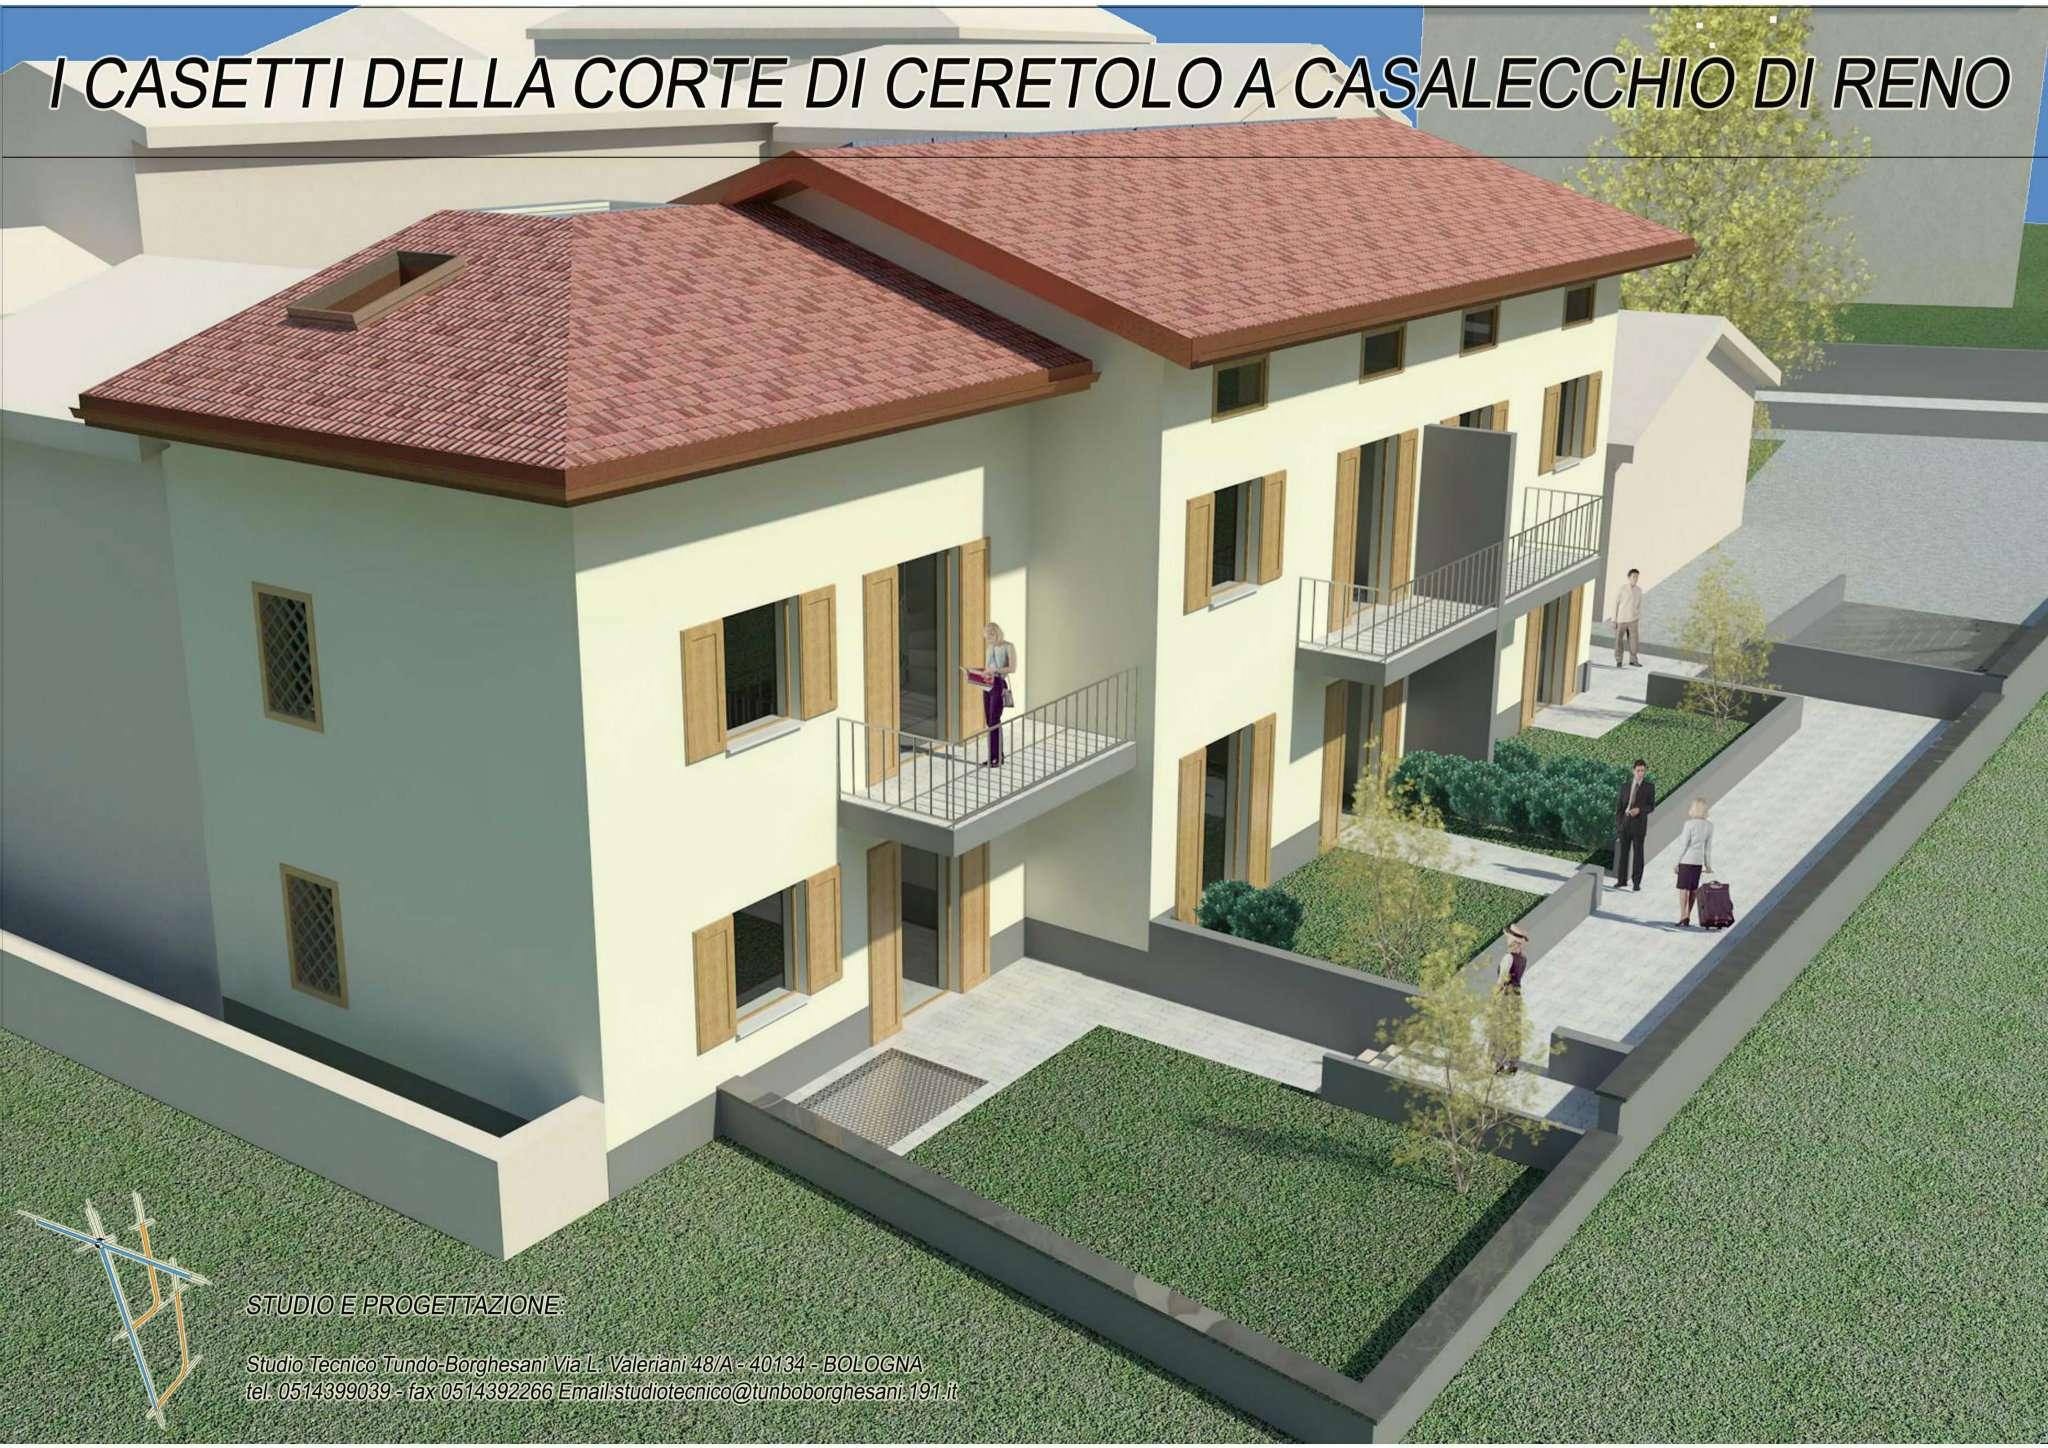 Soluzione Semindipendente in vendita a Casalecchio di Reno, 5 locali, prezzo € 450.000 | Cambio Casa.it